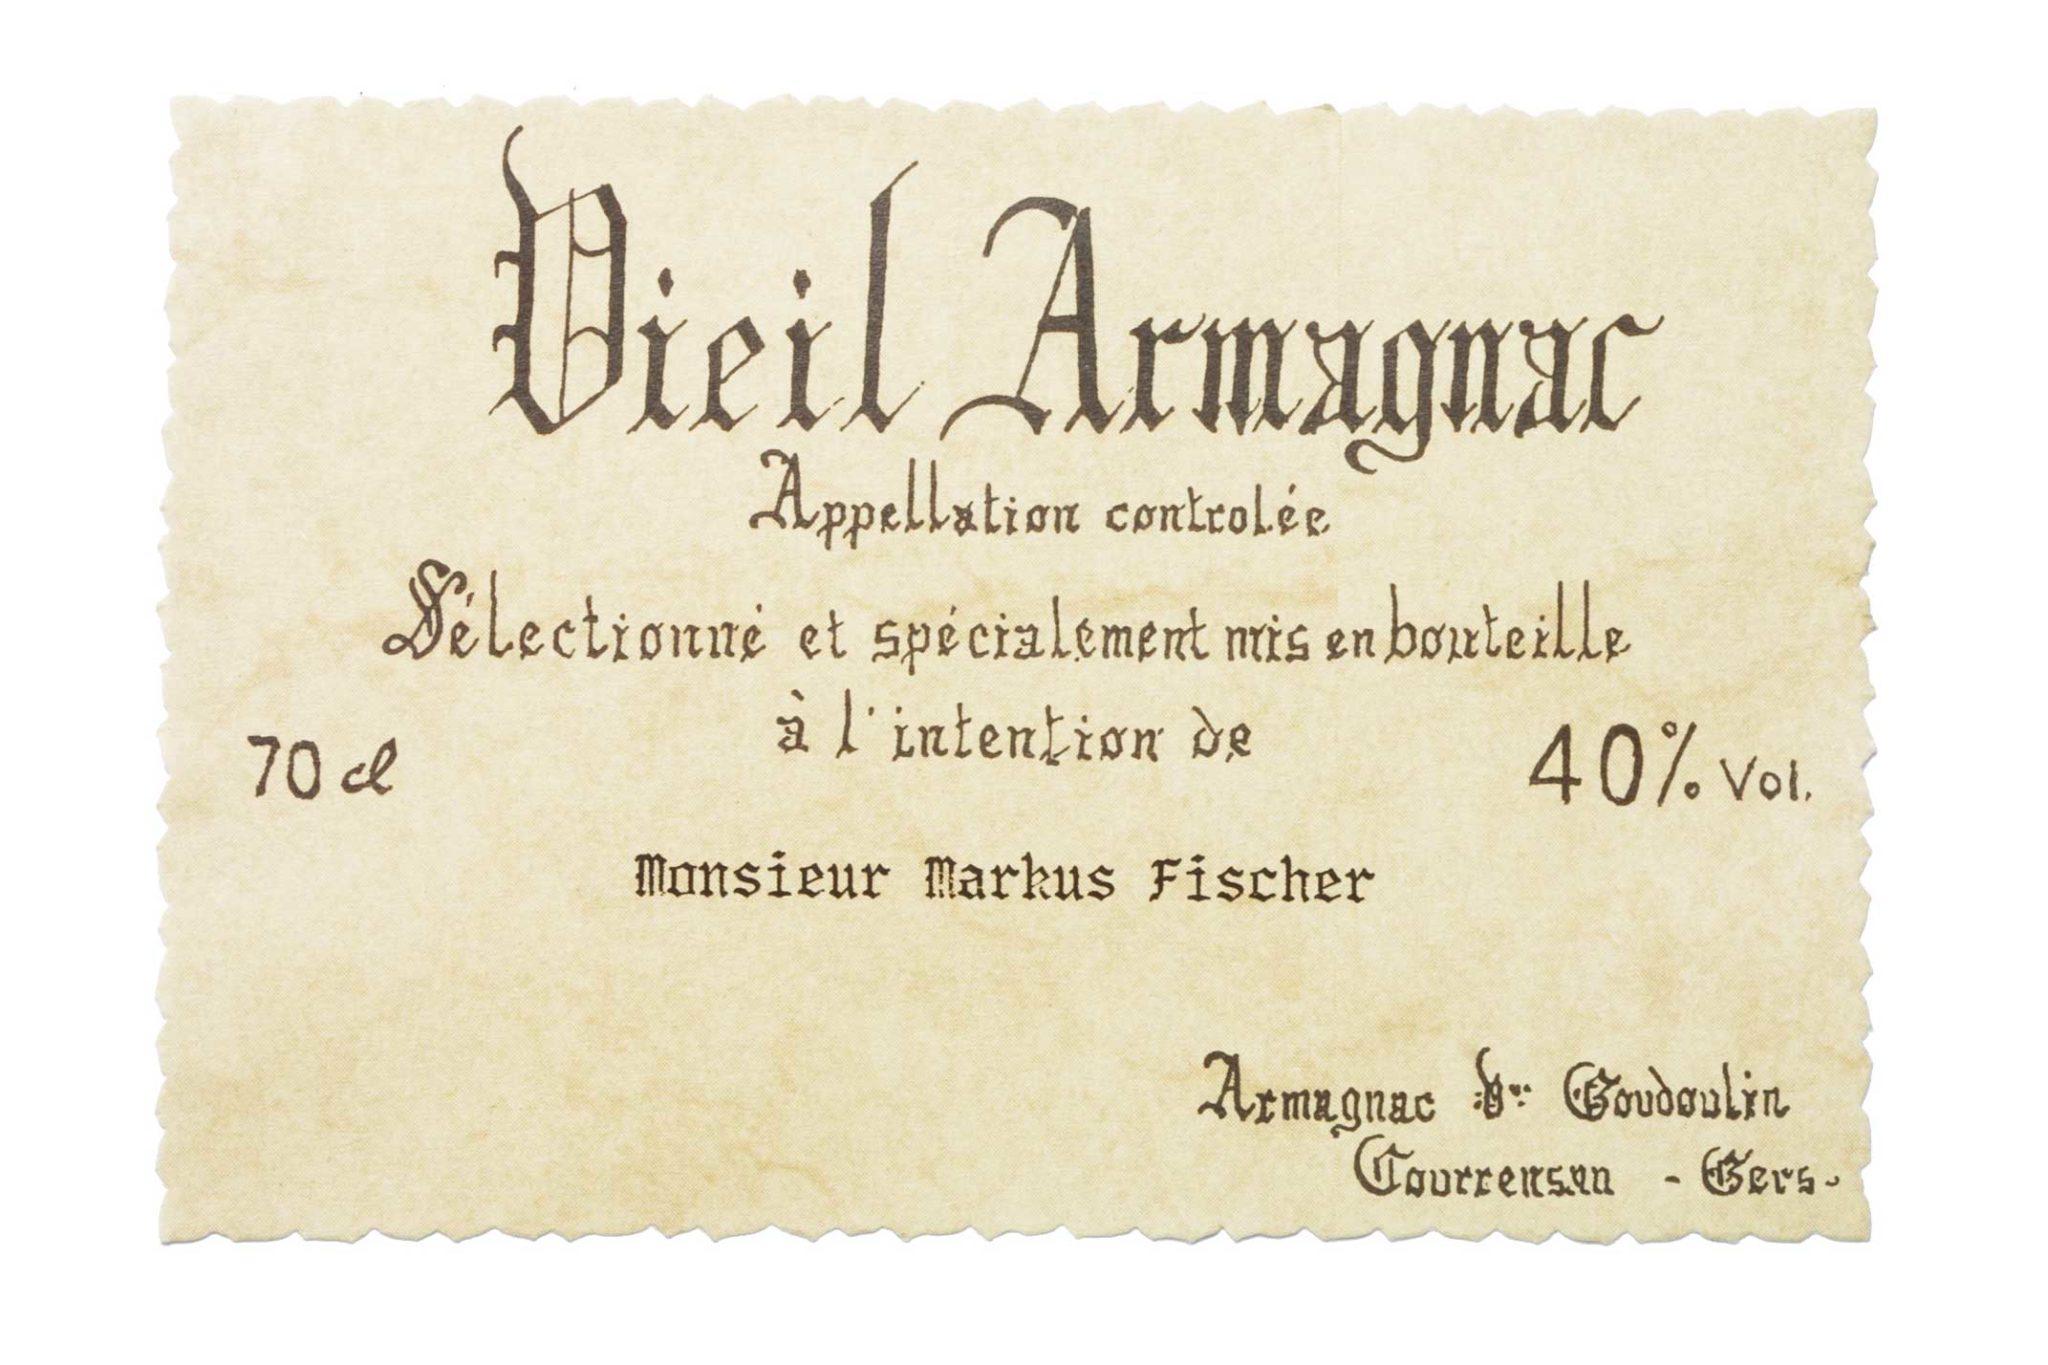 Etikette_Armagnac_Individuell beschreibbar